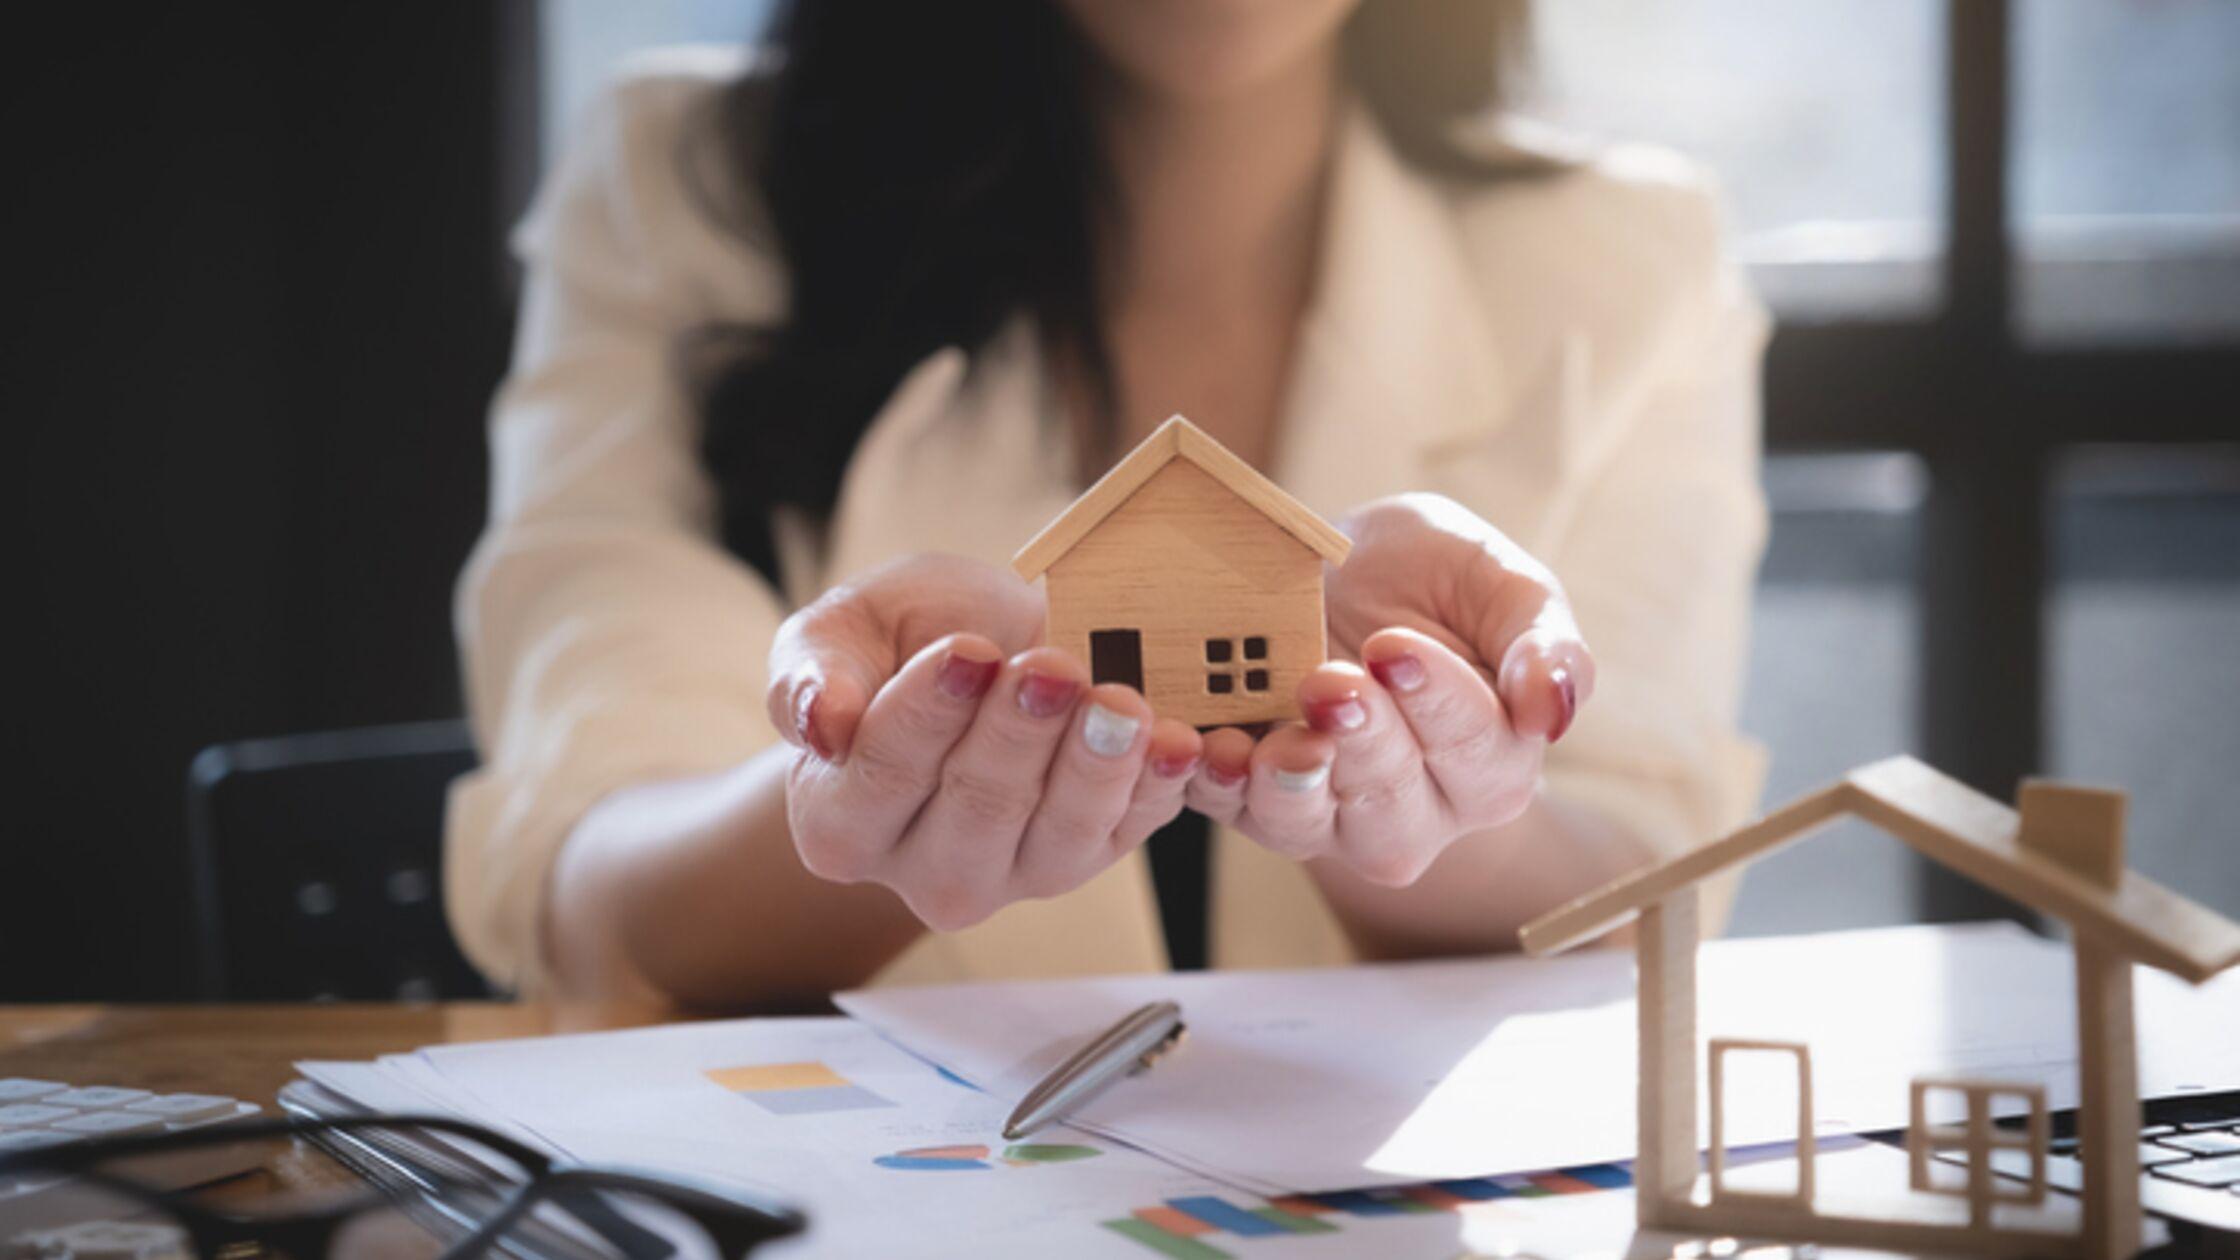 Frau hält kleines Haus schützend in den Händen